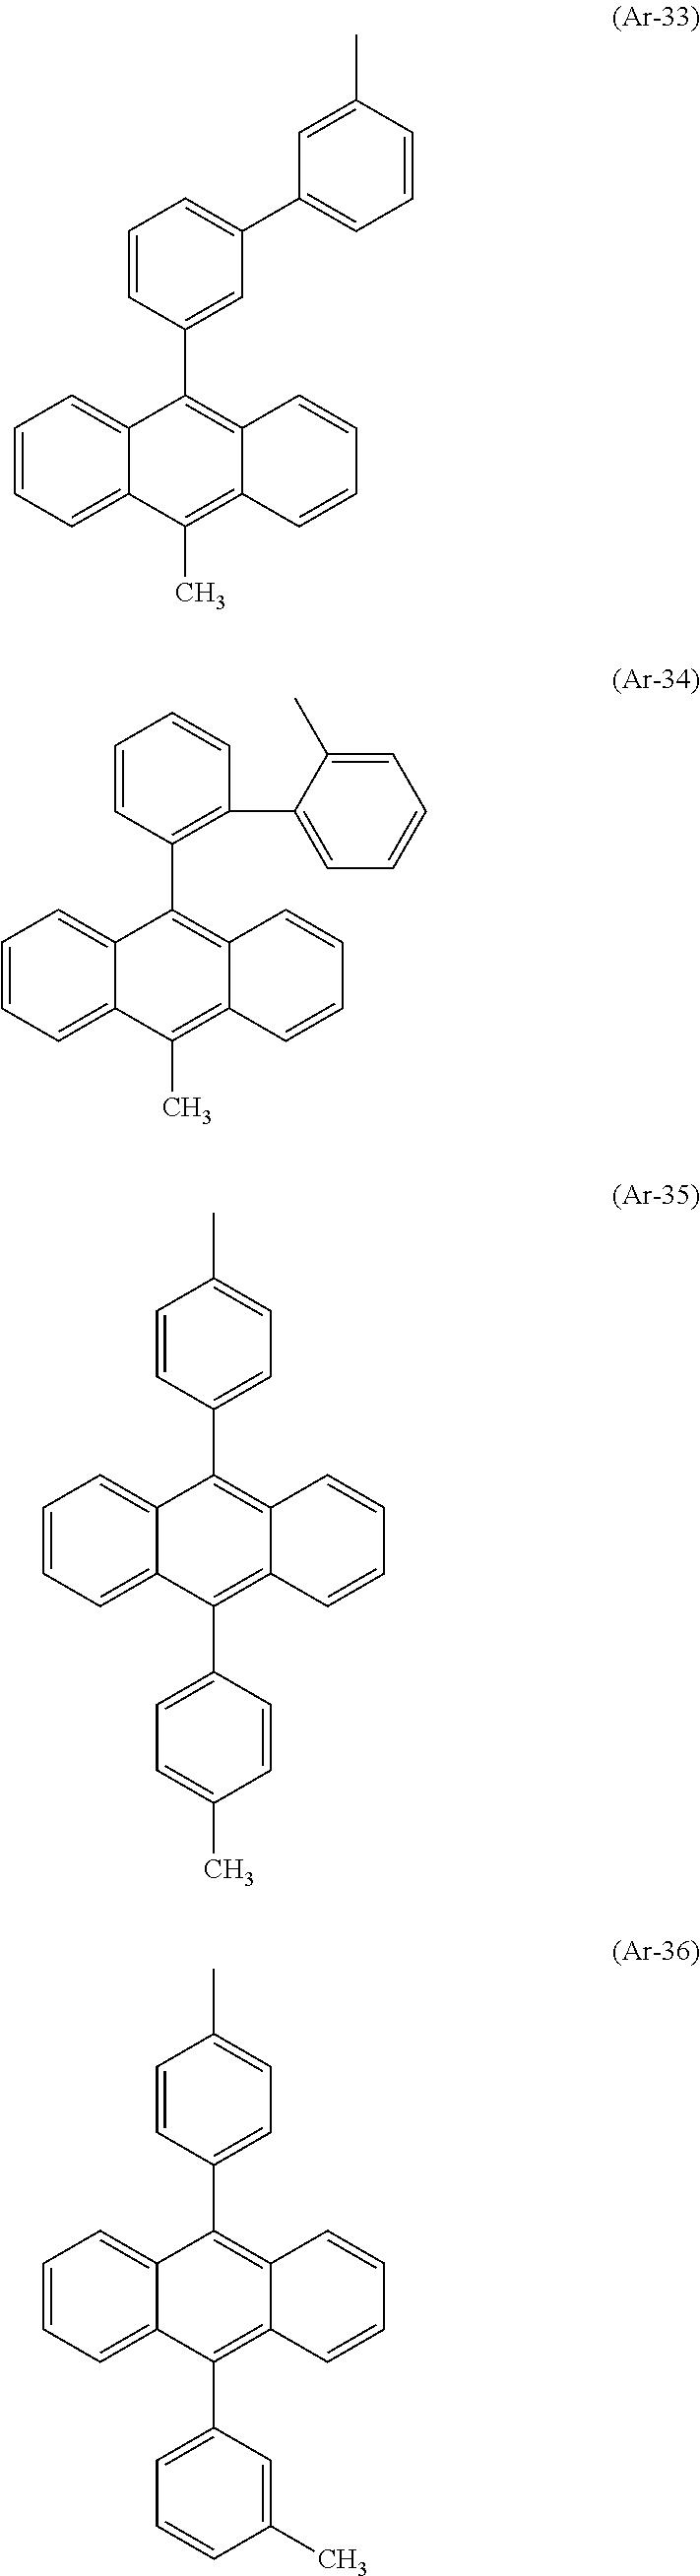 Figure US09240558-20160119-C00024